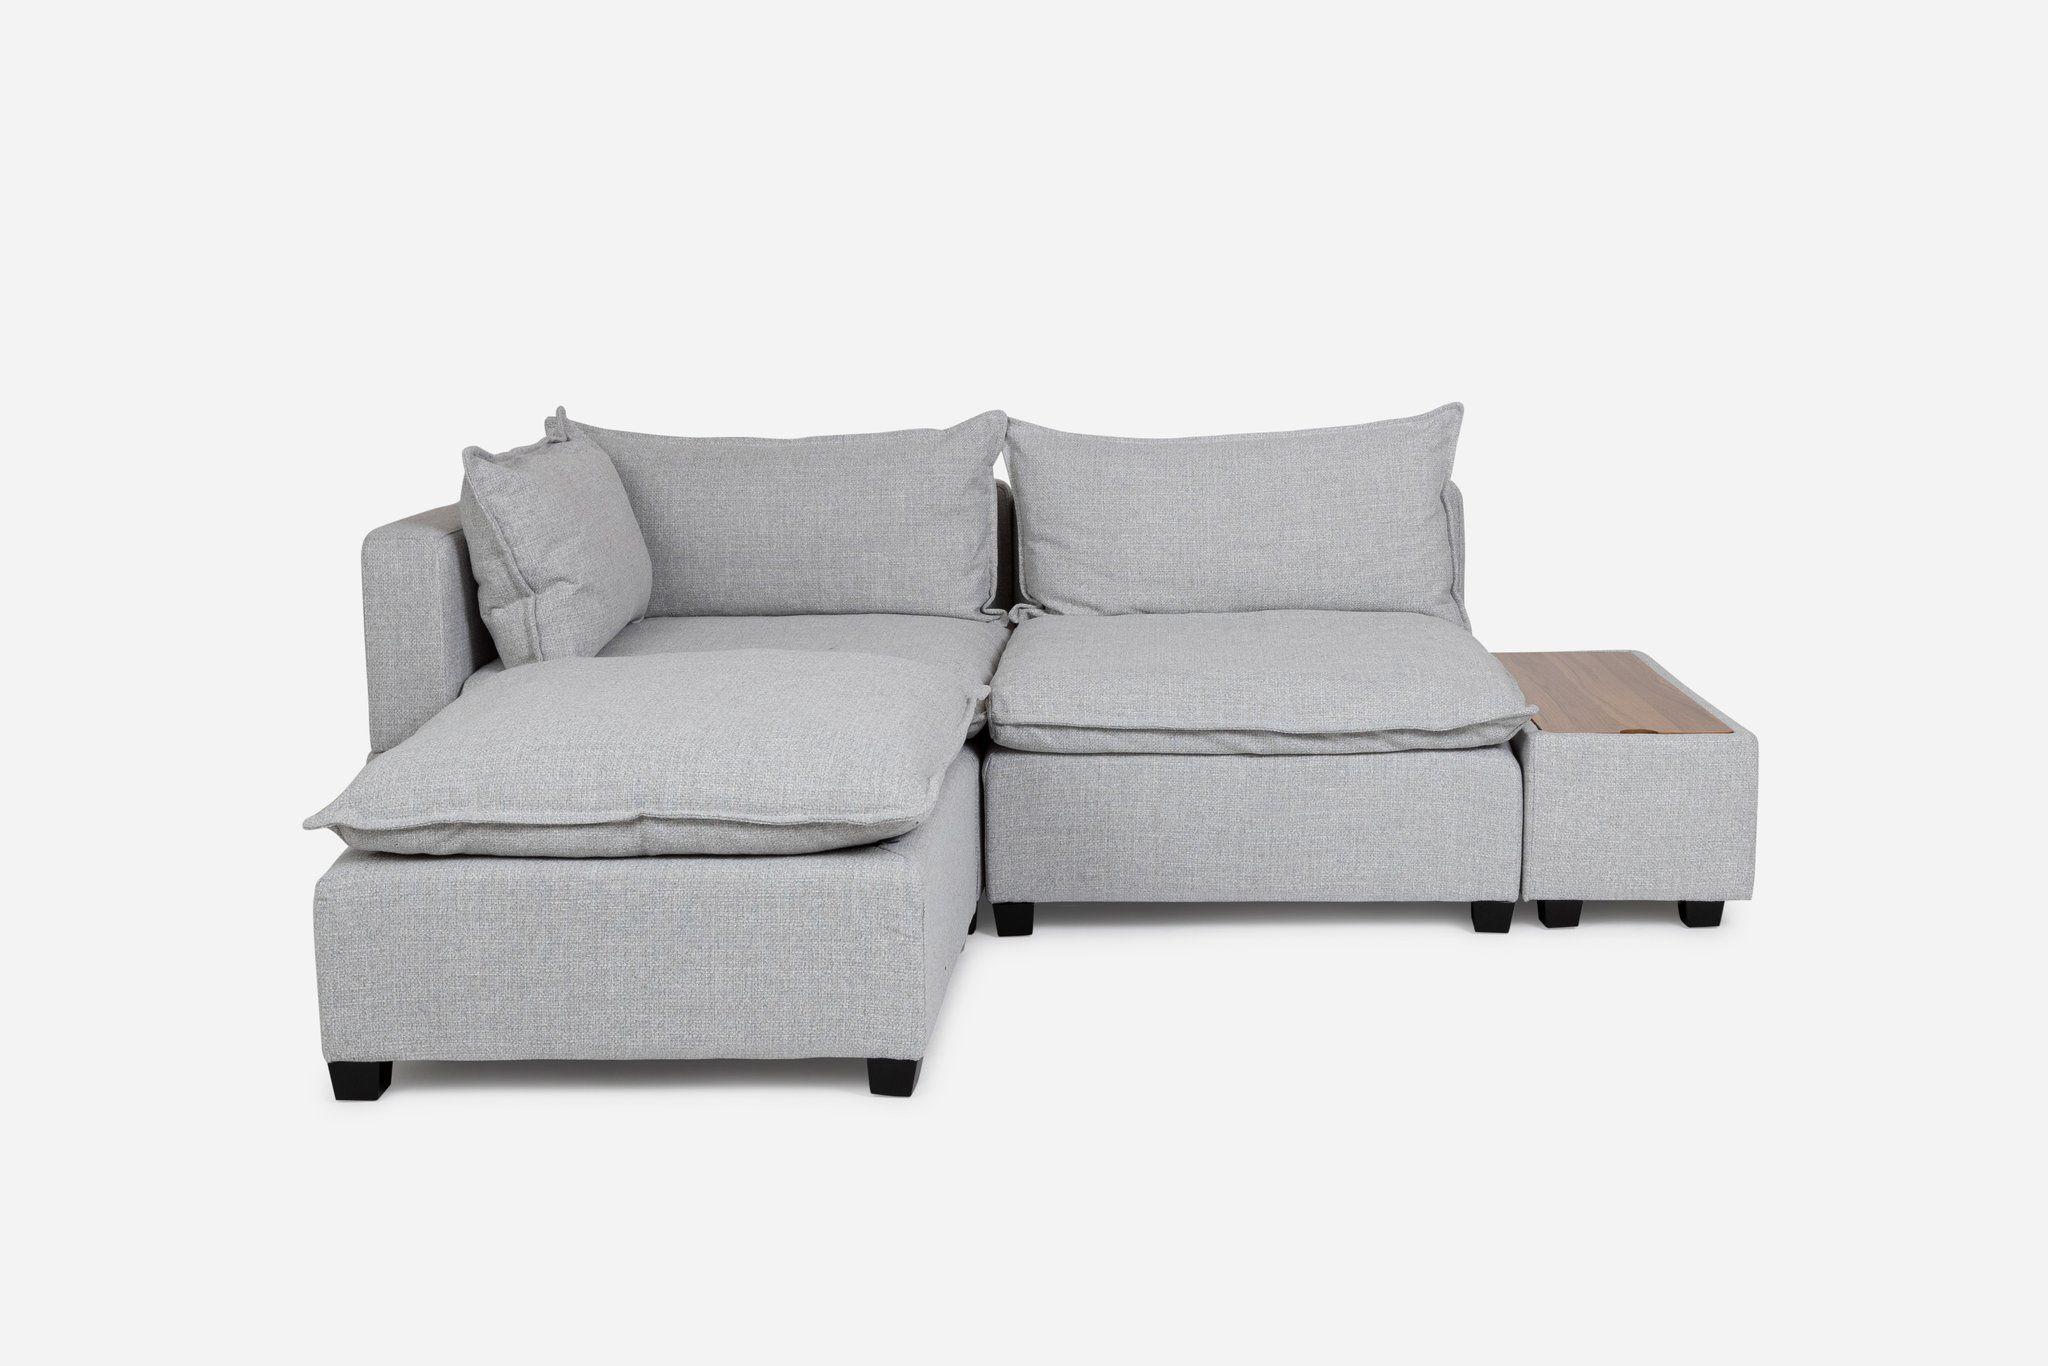 Kova Sofa 79 Ottoman Console In 2020 Comfortable Sofa